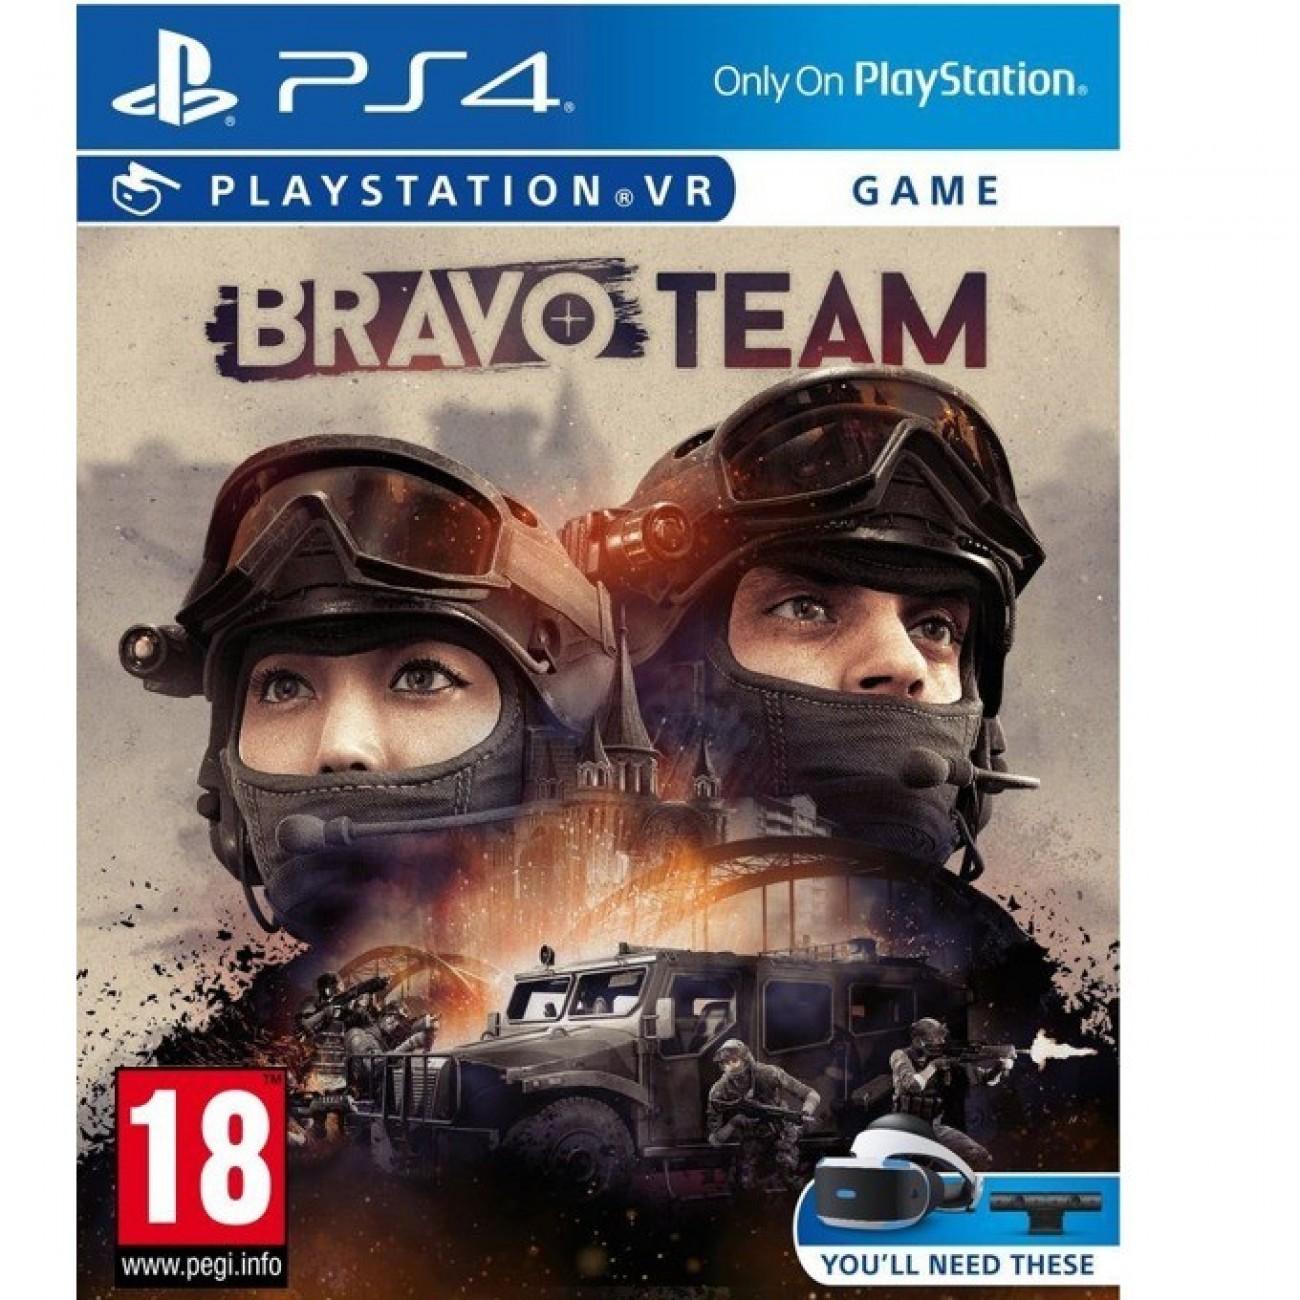 Игра за конзола Bravo Team VR, за PS4 в Игри за Конзоли - Sony | Alleop